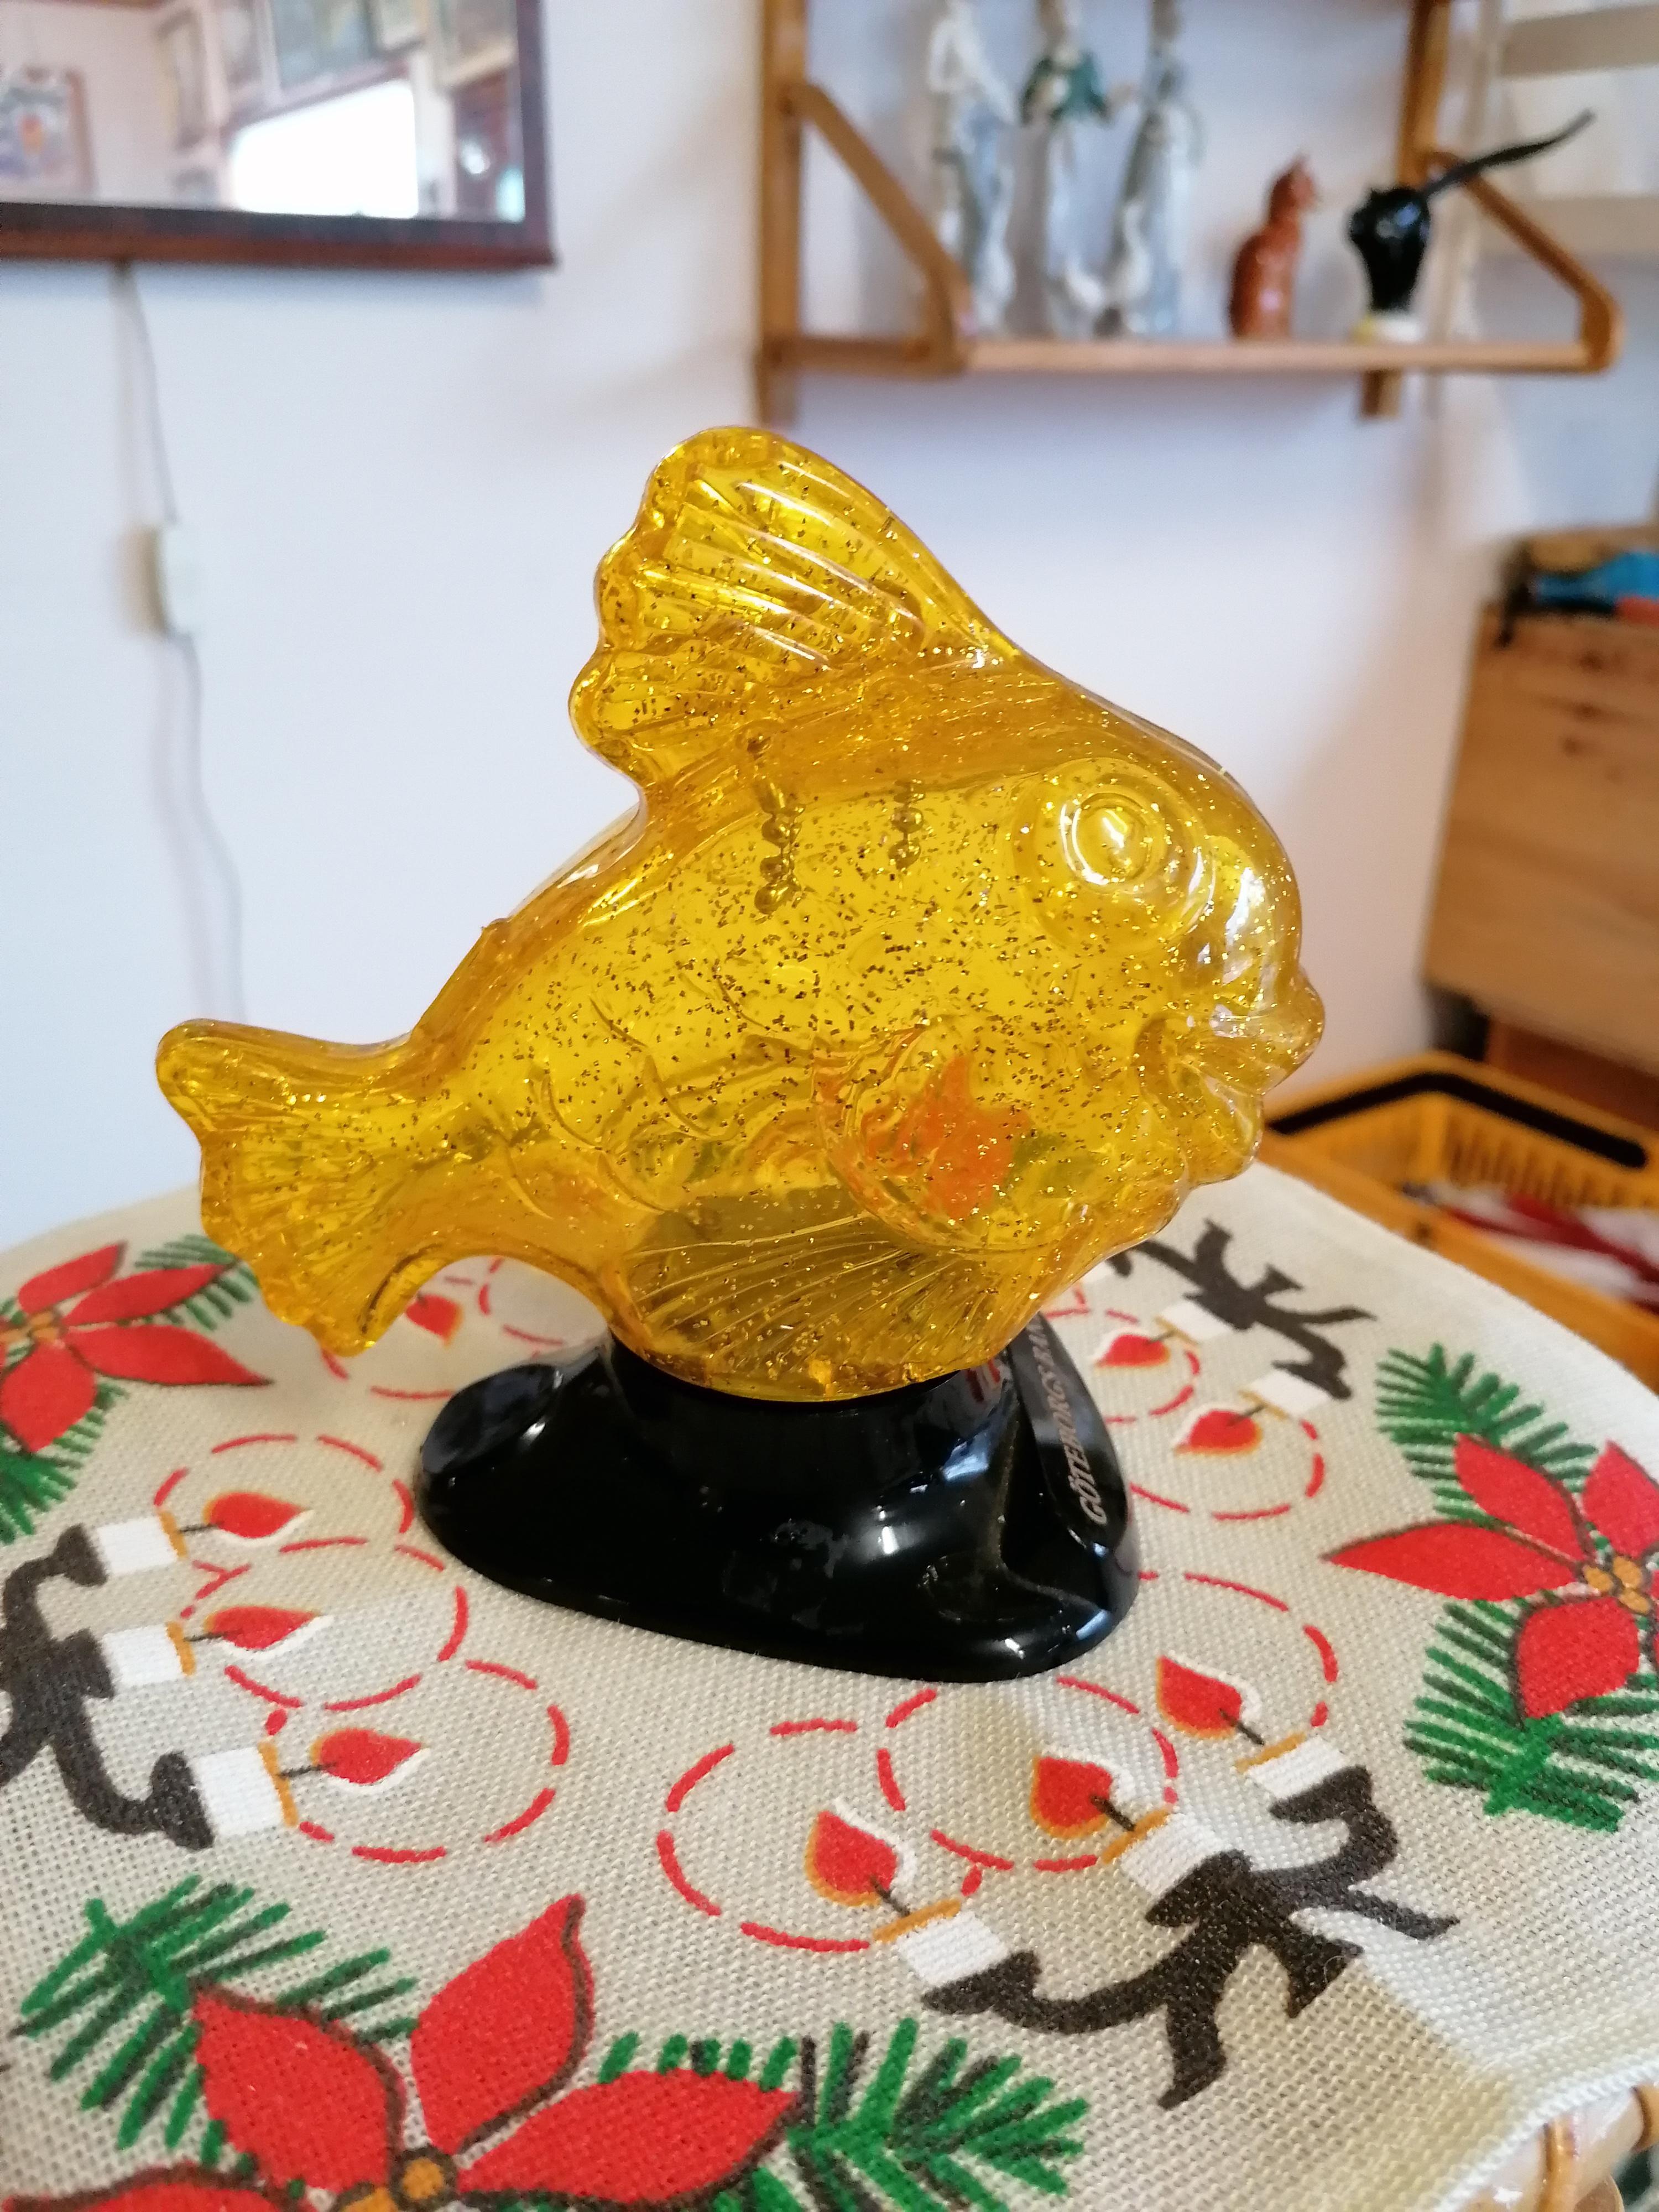 Sparbössa i form av fisk